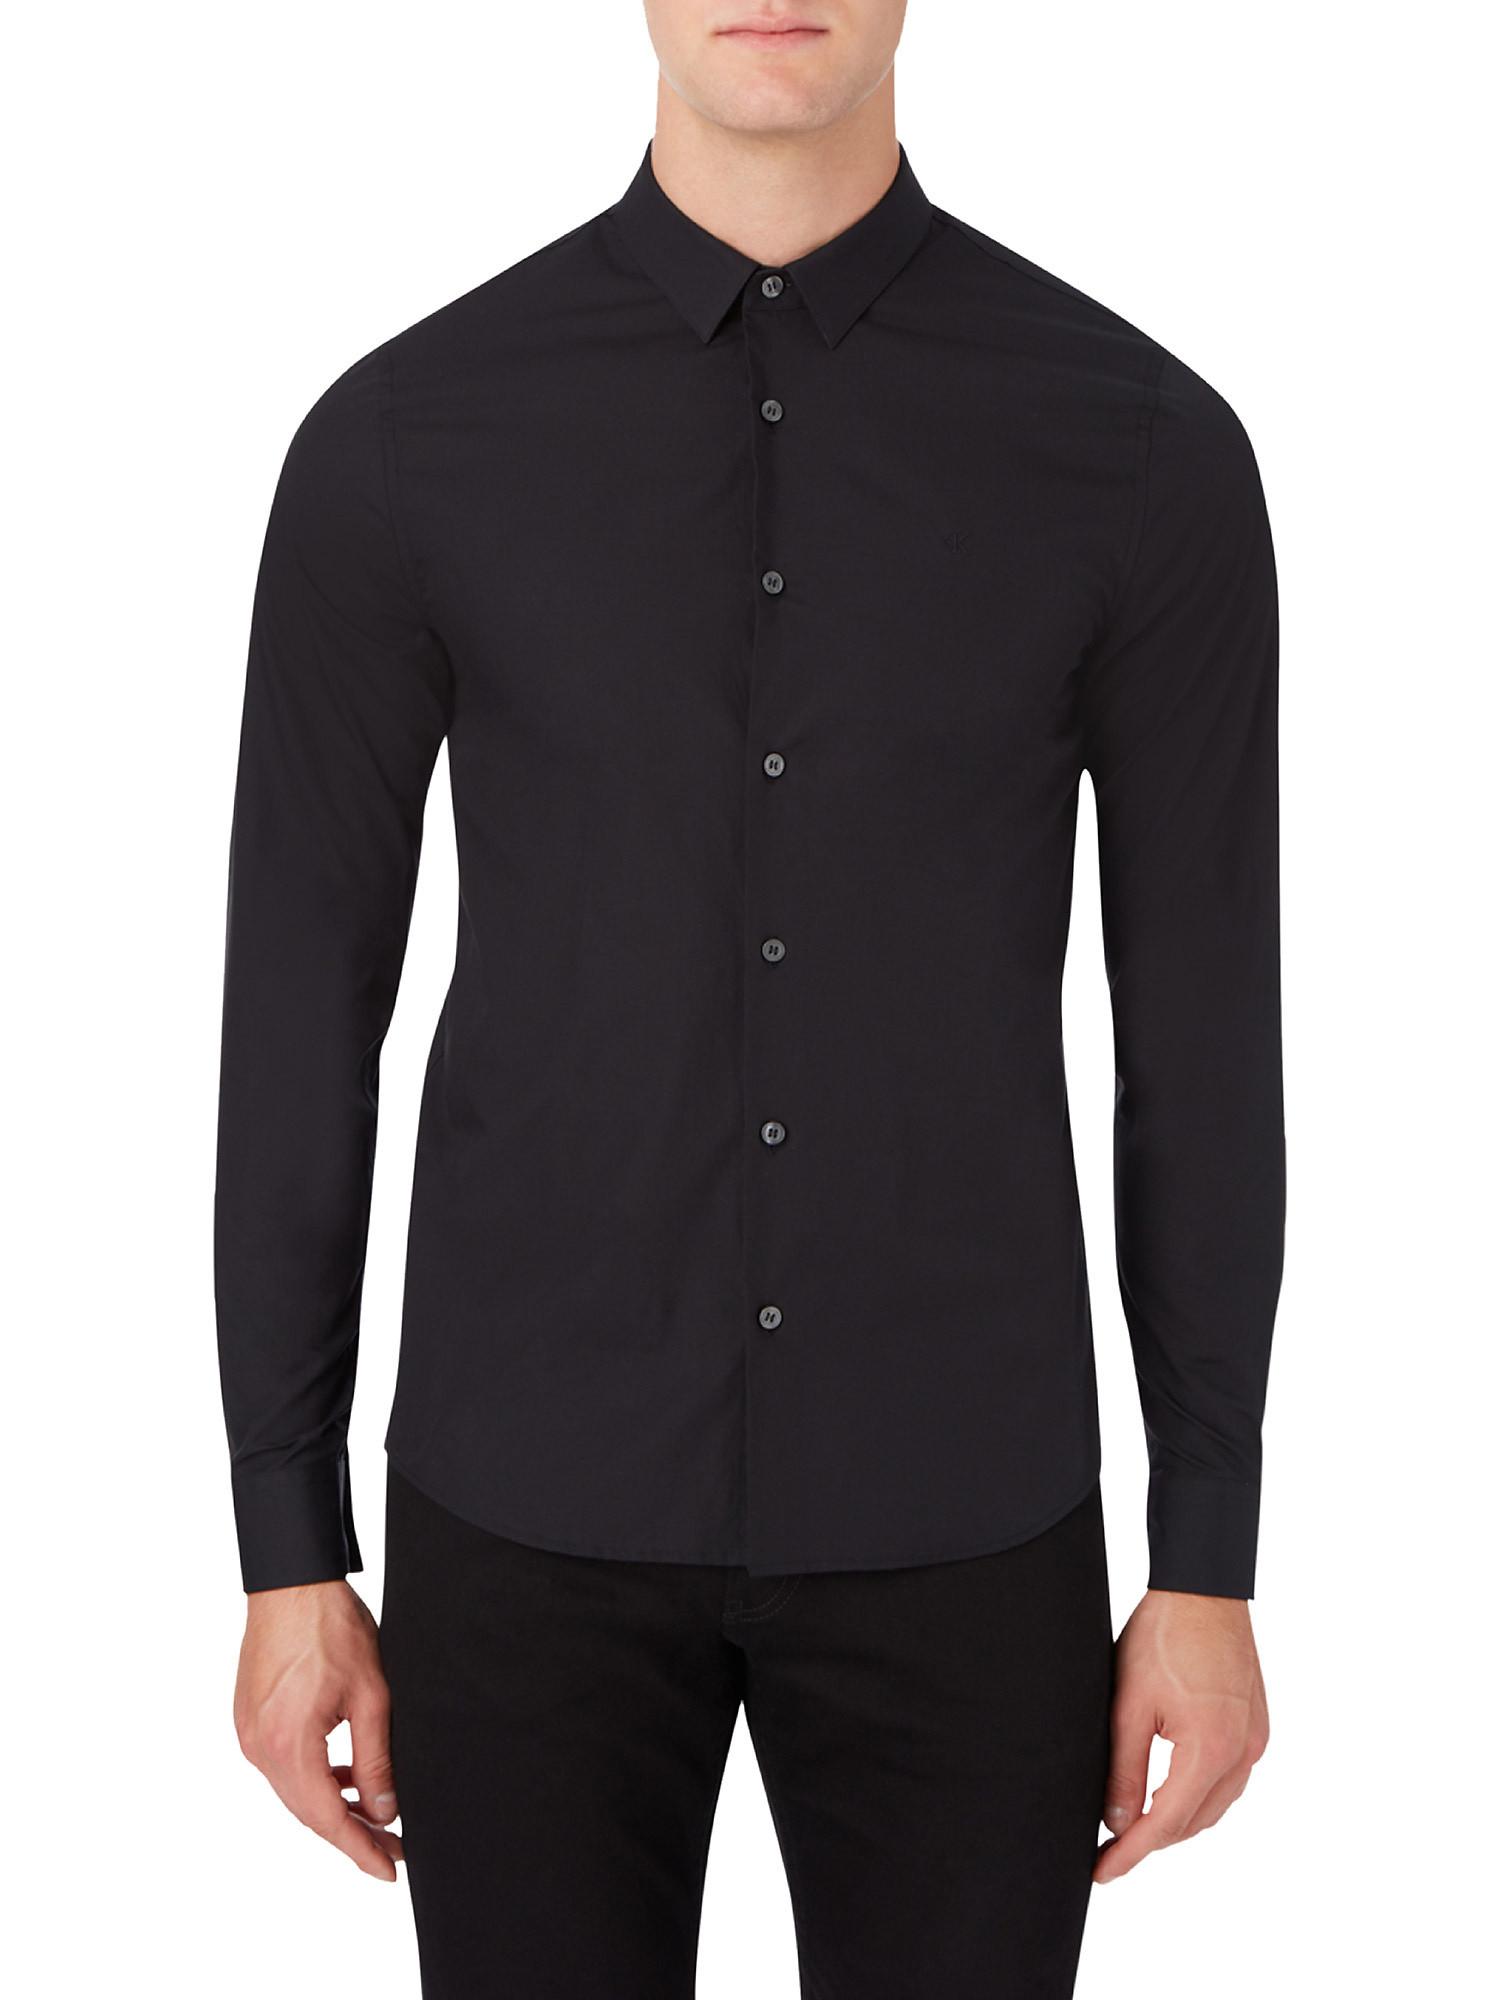 Camicia in cotone elasticizzato, Nero, large image number 4